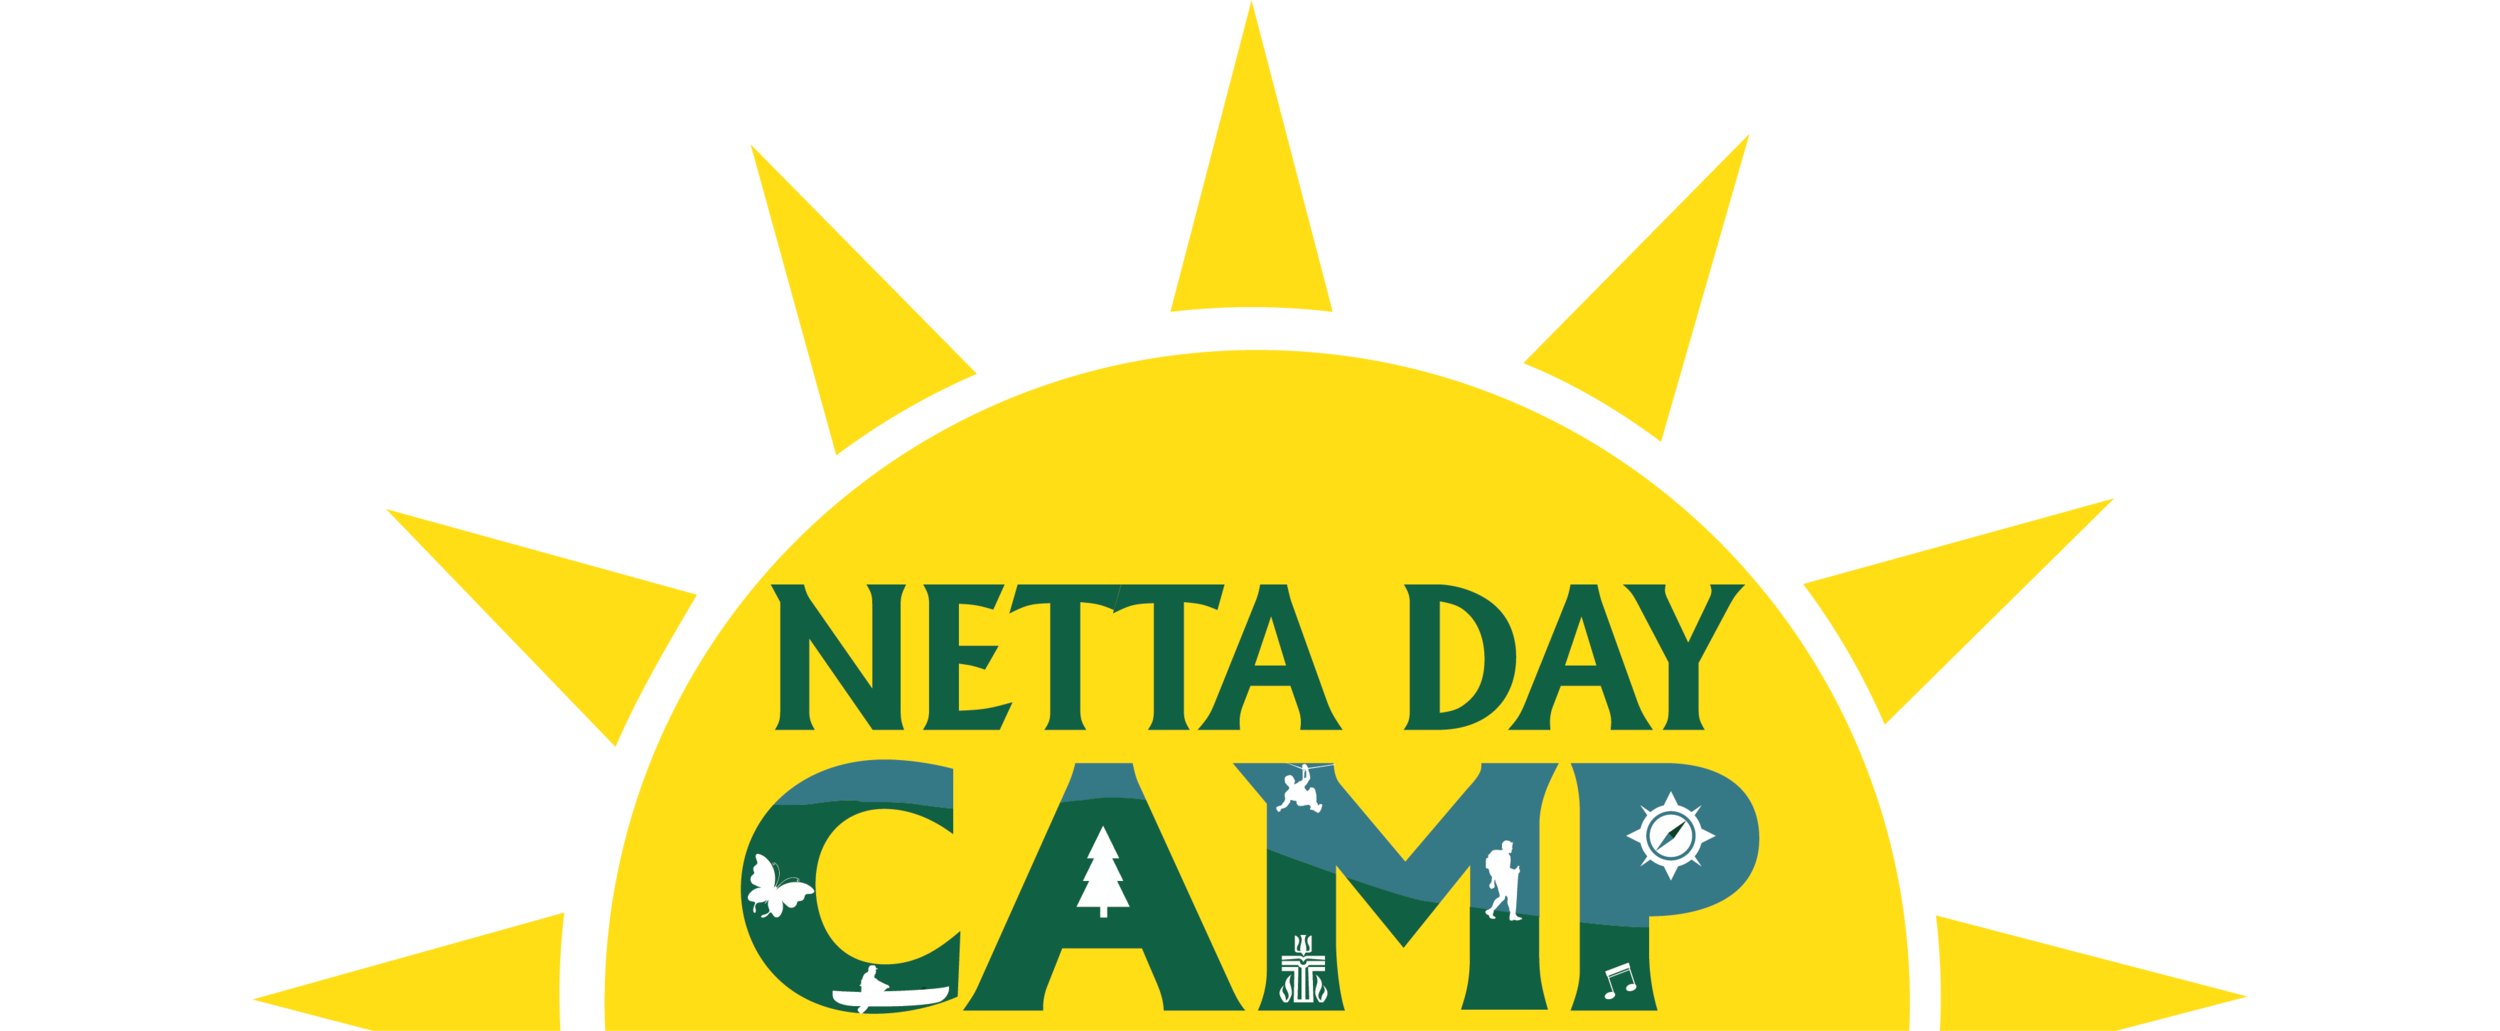 Netta Day Camp Half Sun Final (1).png